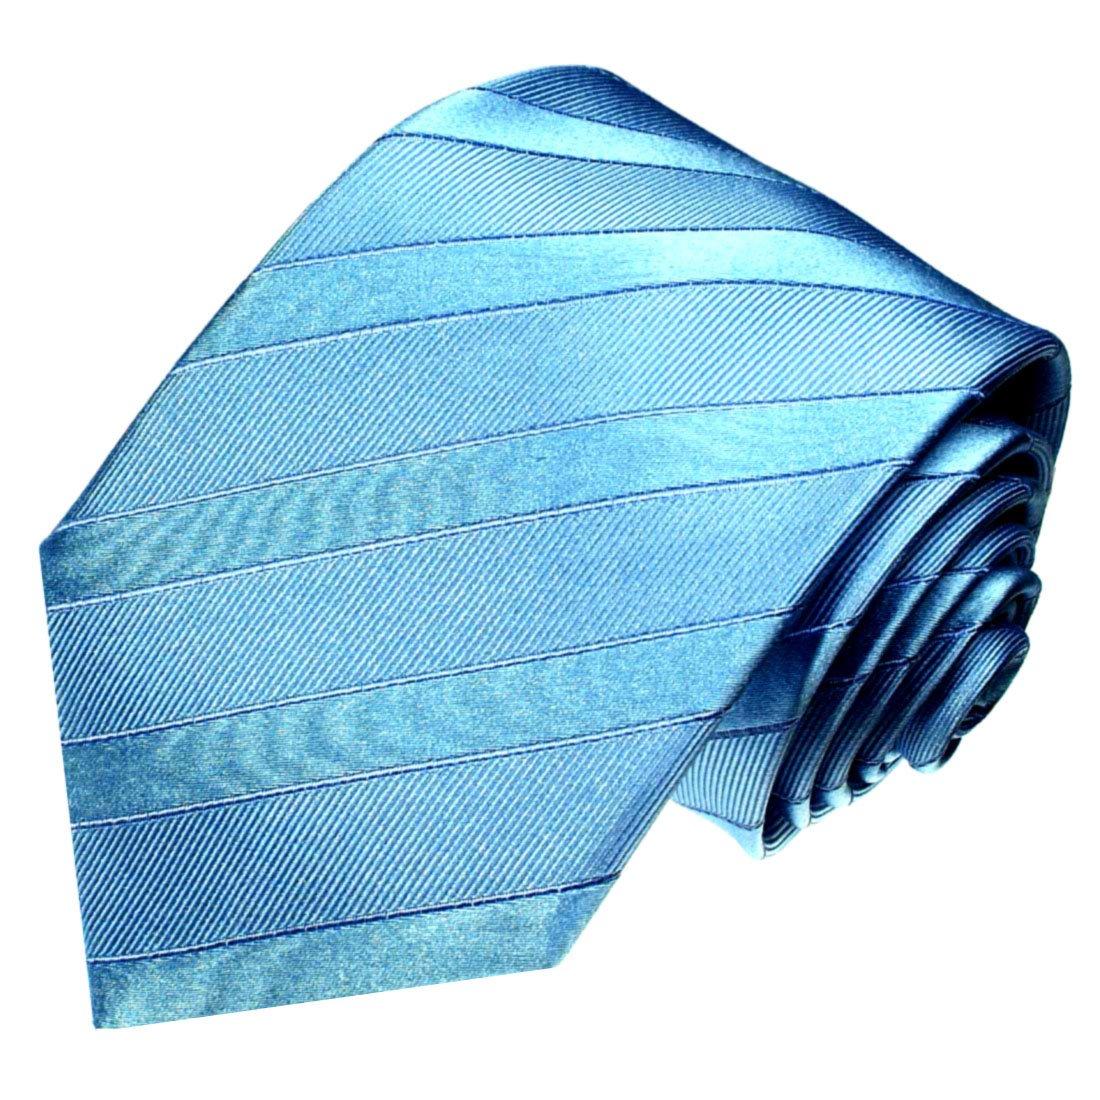 LORENZO CANA - Corbata de lujo de seda 100% seda - Corbata Azul ...